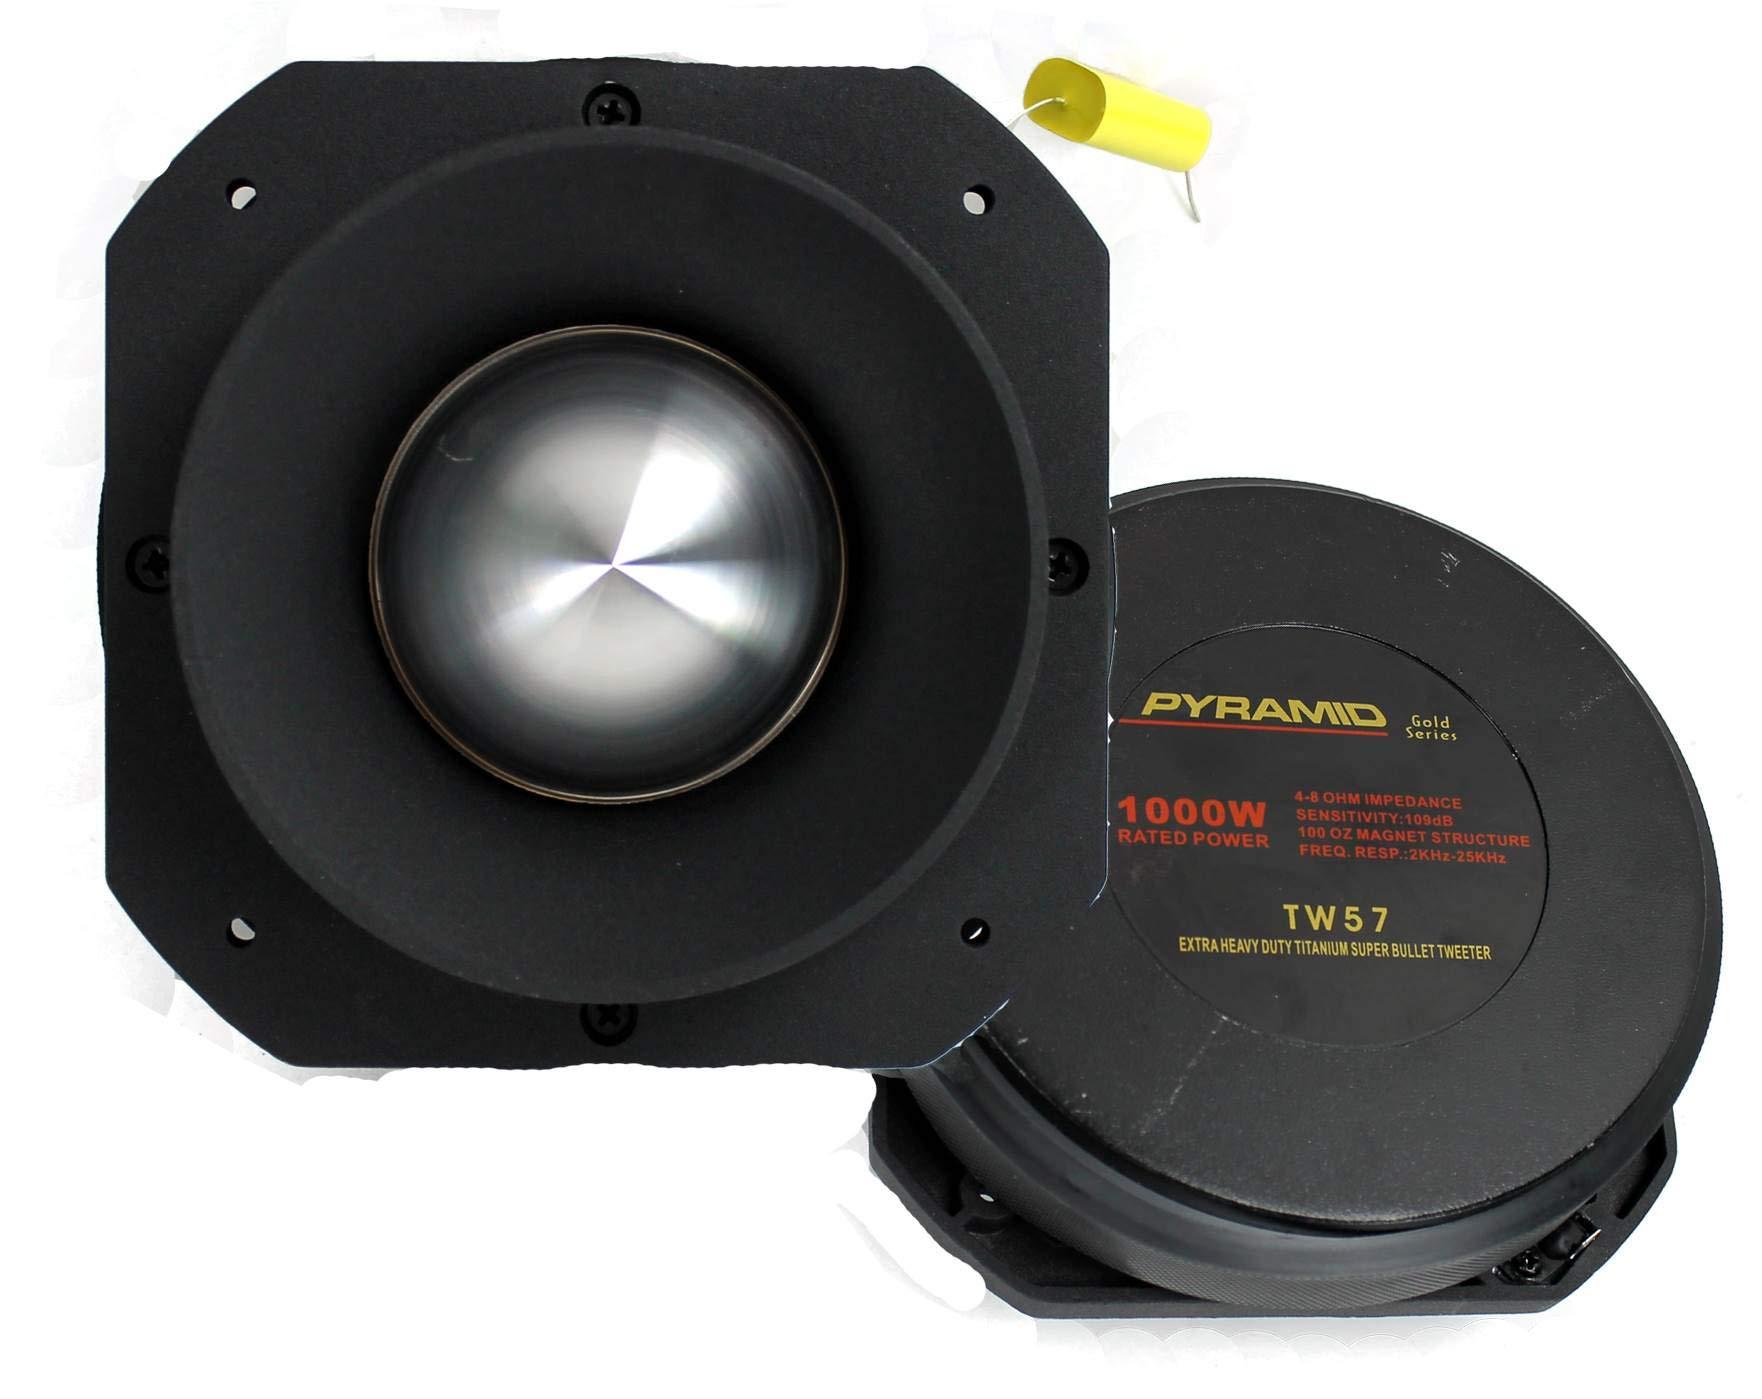 """Pyramid PRO TW57 3"""" 4000W Titanium Car Audio Dome Bullet Super Tweeters"""